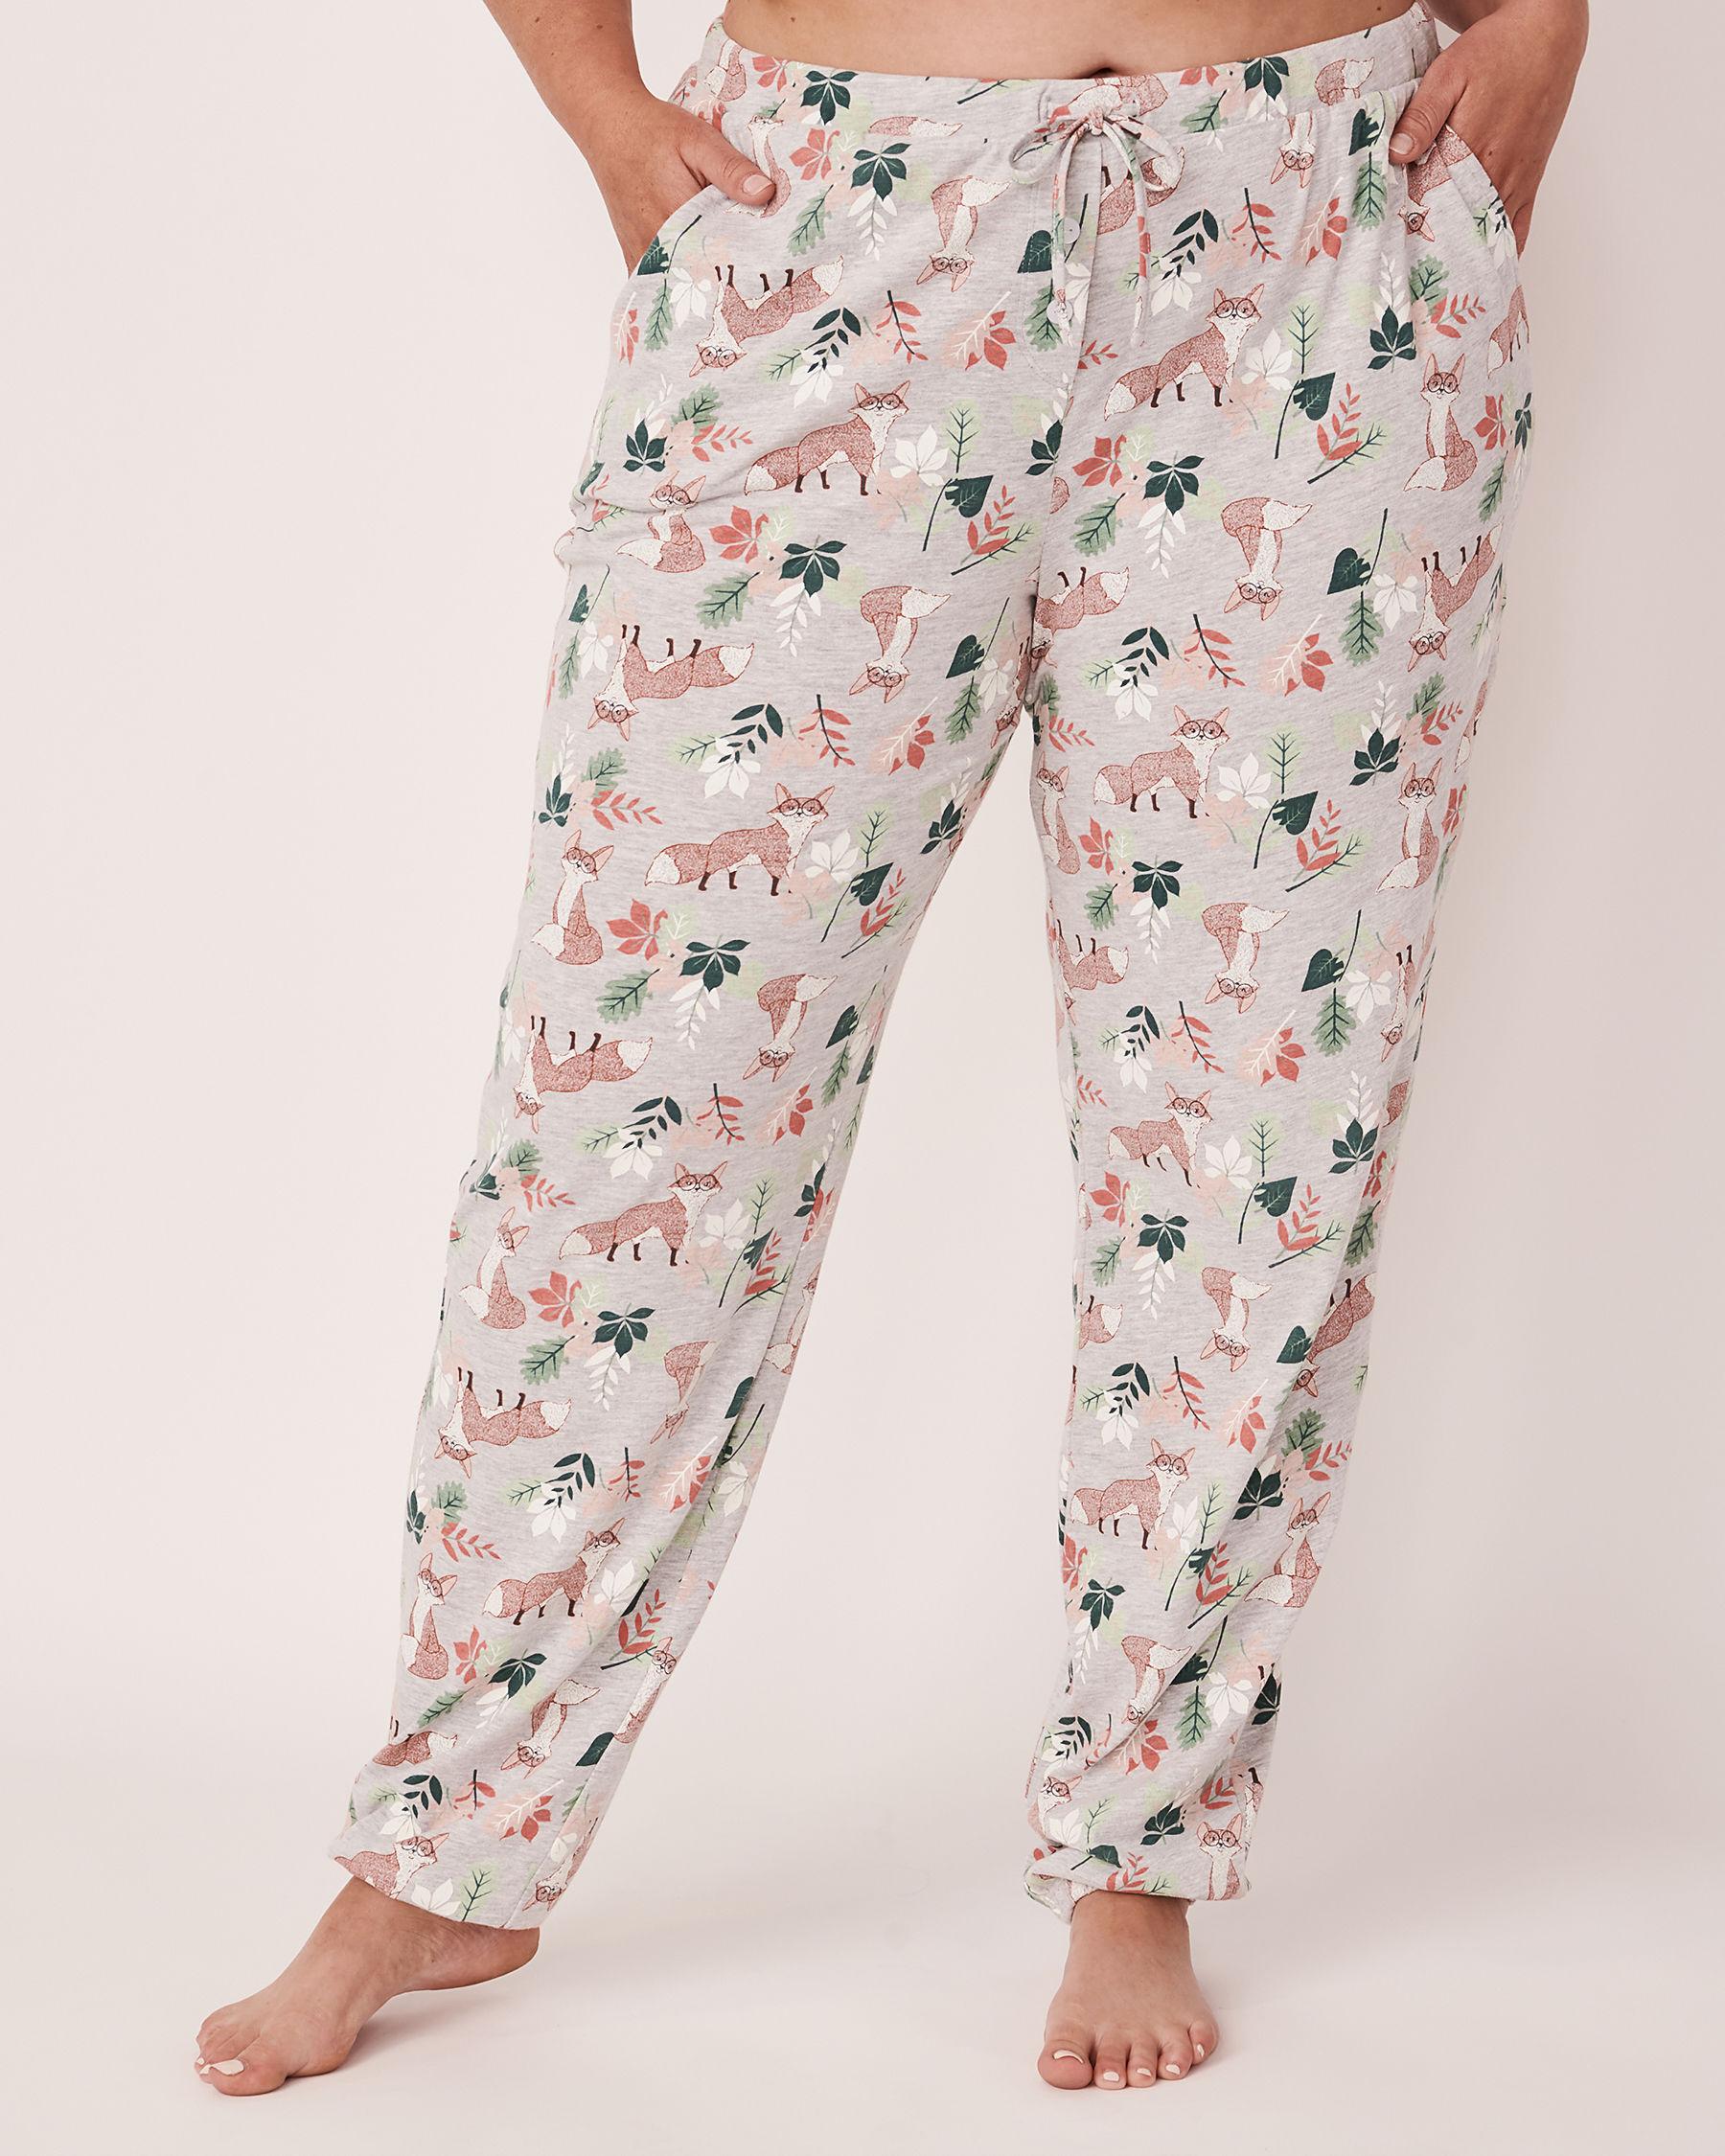 LA VIE EN ROSE Fitted Pyjama Pant Fox print 40200094 - View1